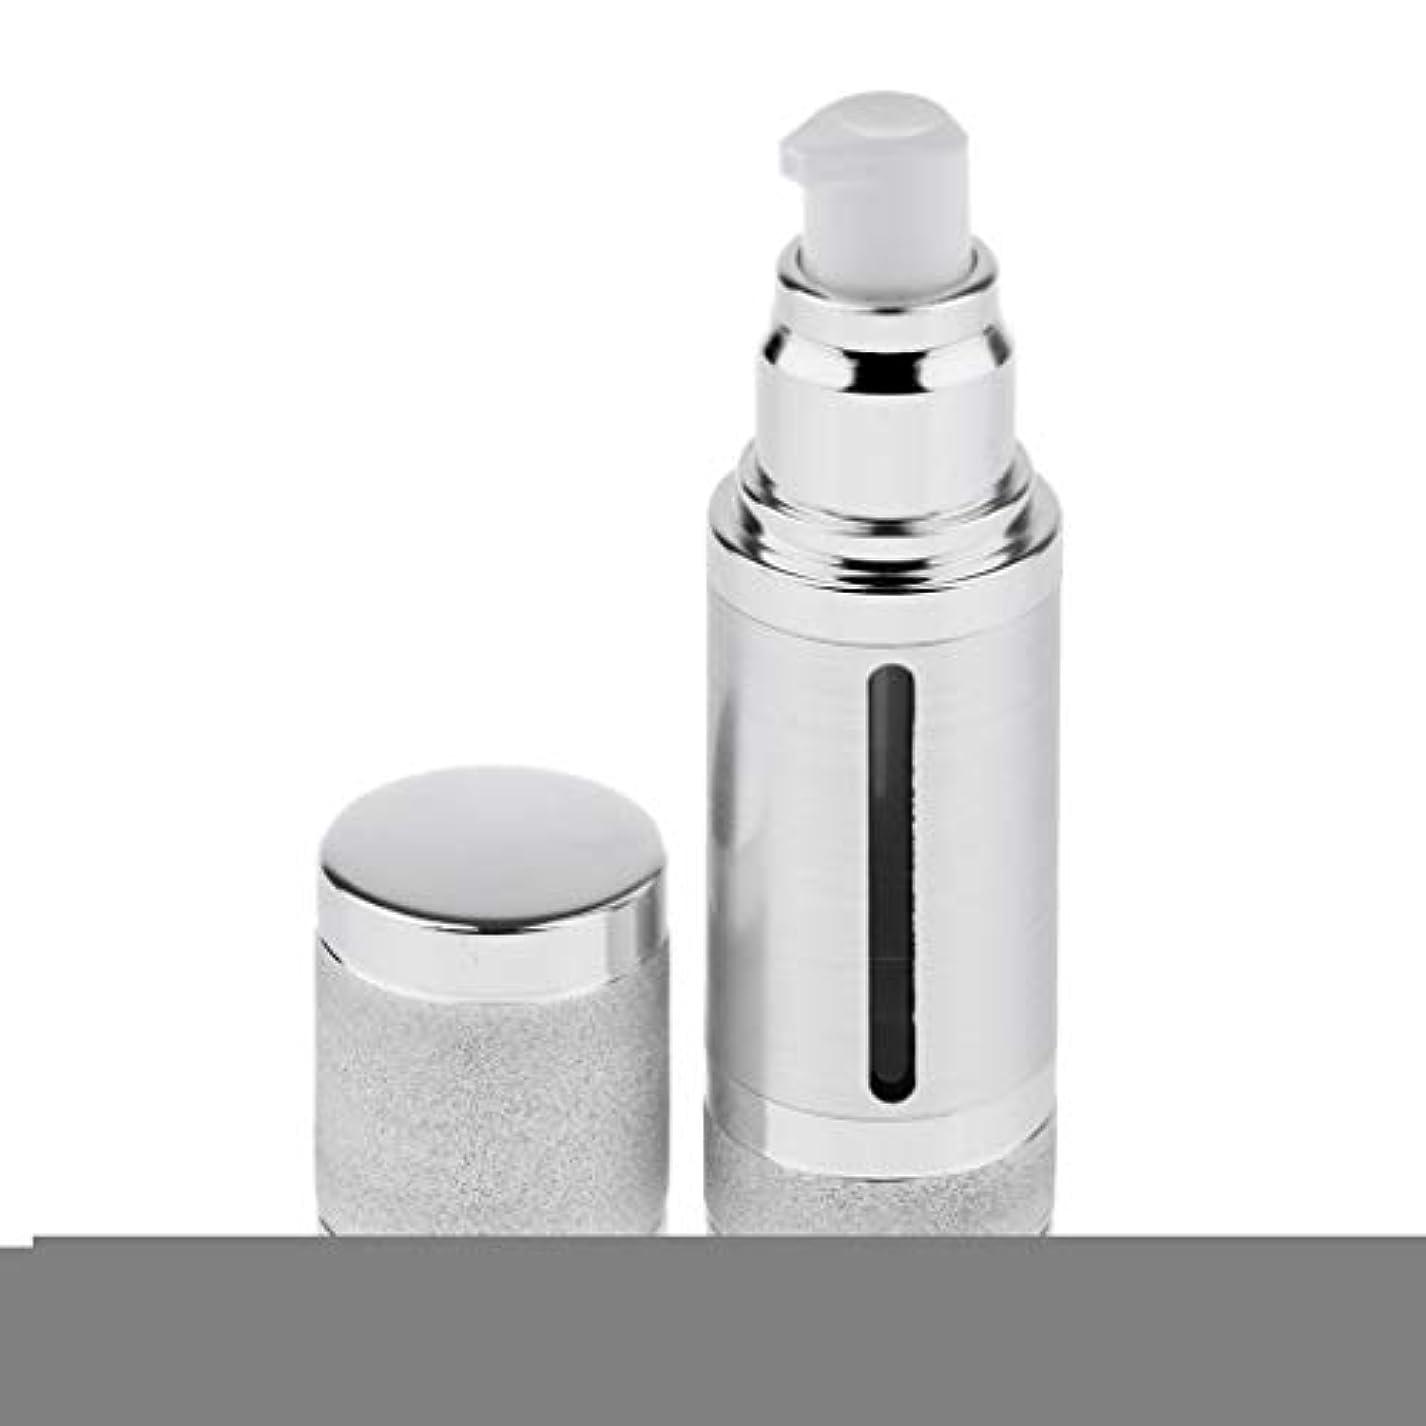 磨かれた確認チャールズキージングT TOOYFUL 30ミリリットルエアレスポンプボトルローションクリーム化粧品詰め替え容器 - 銀